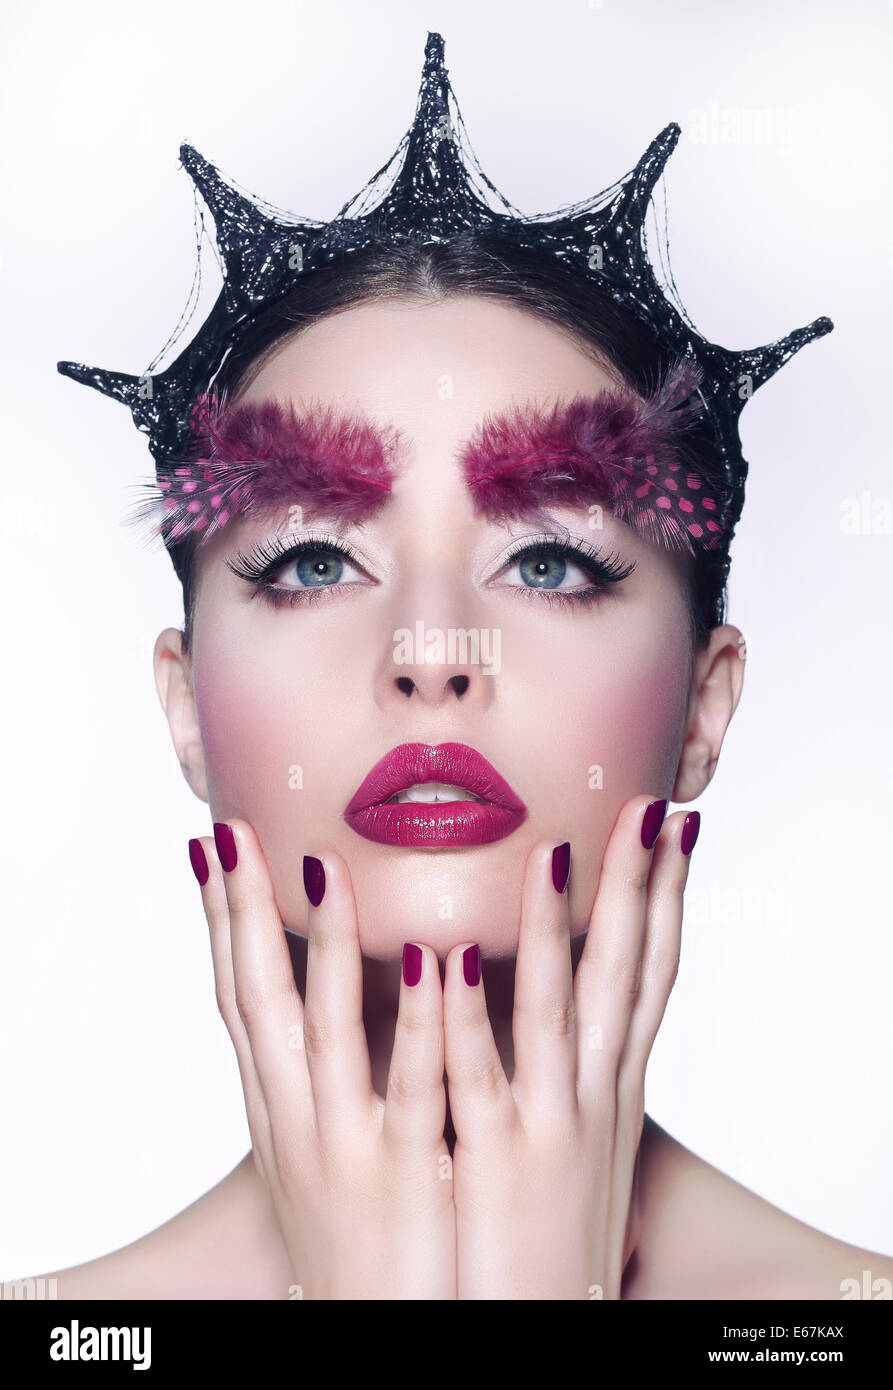 Kreatives Konzept. Frau mit ausgefallenen Kopfbedeckungen und rote Make-up Stockbild